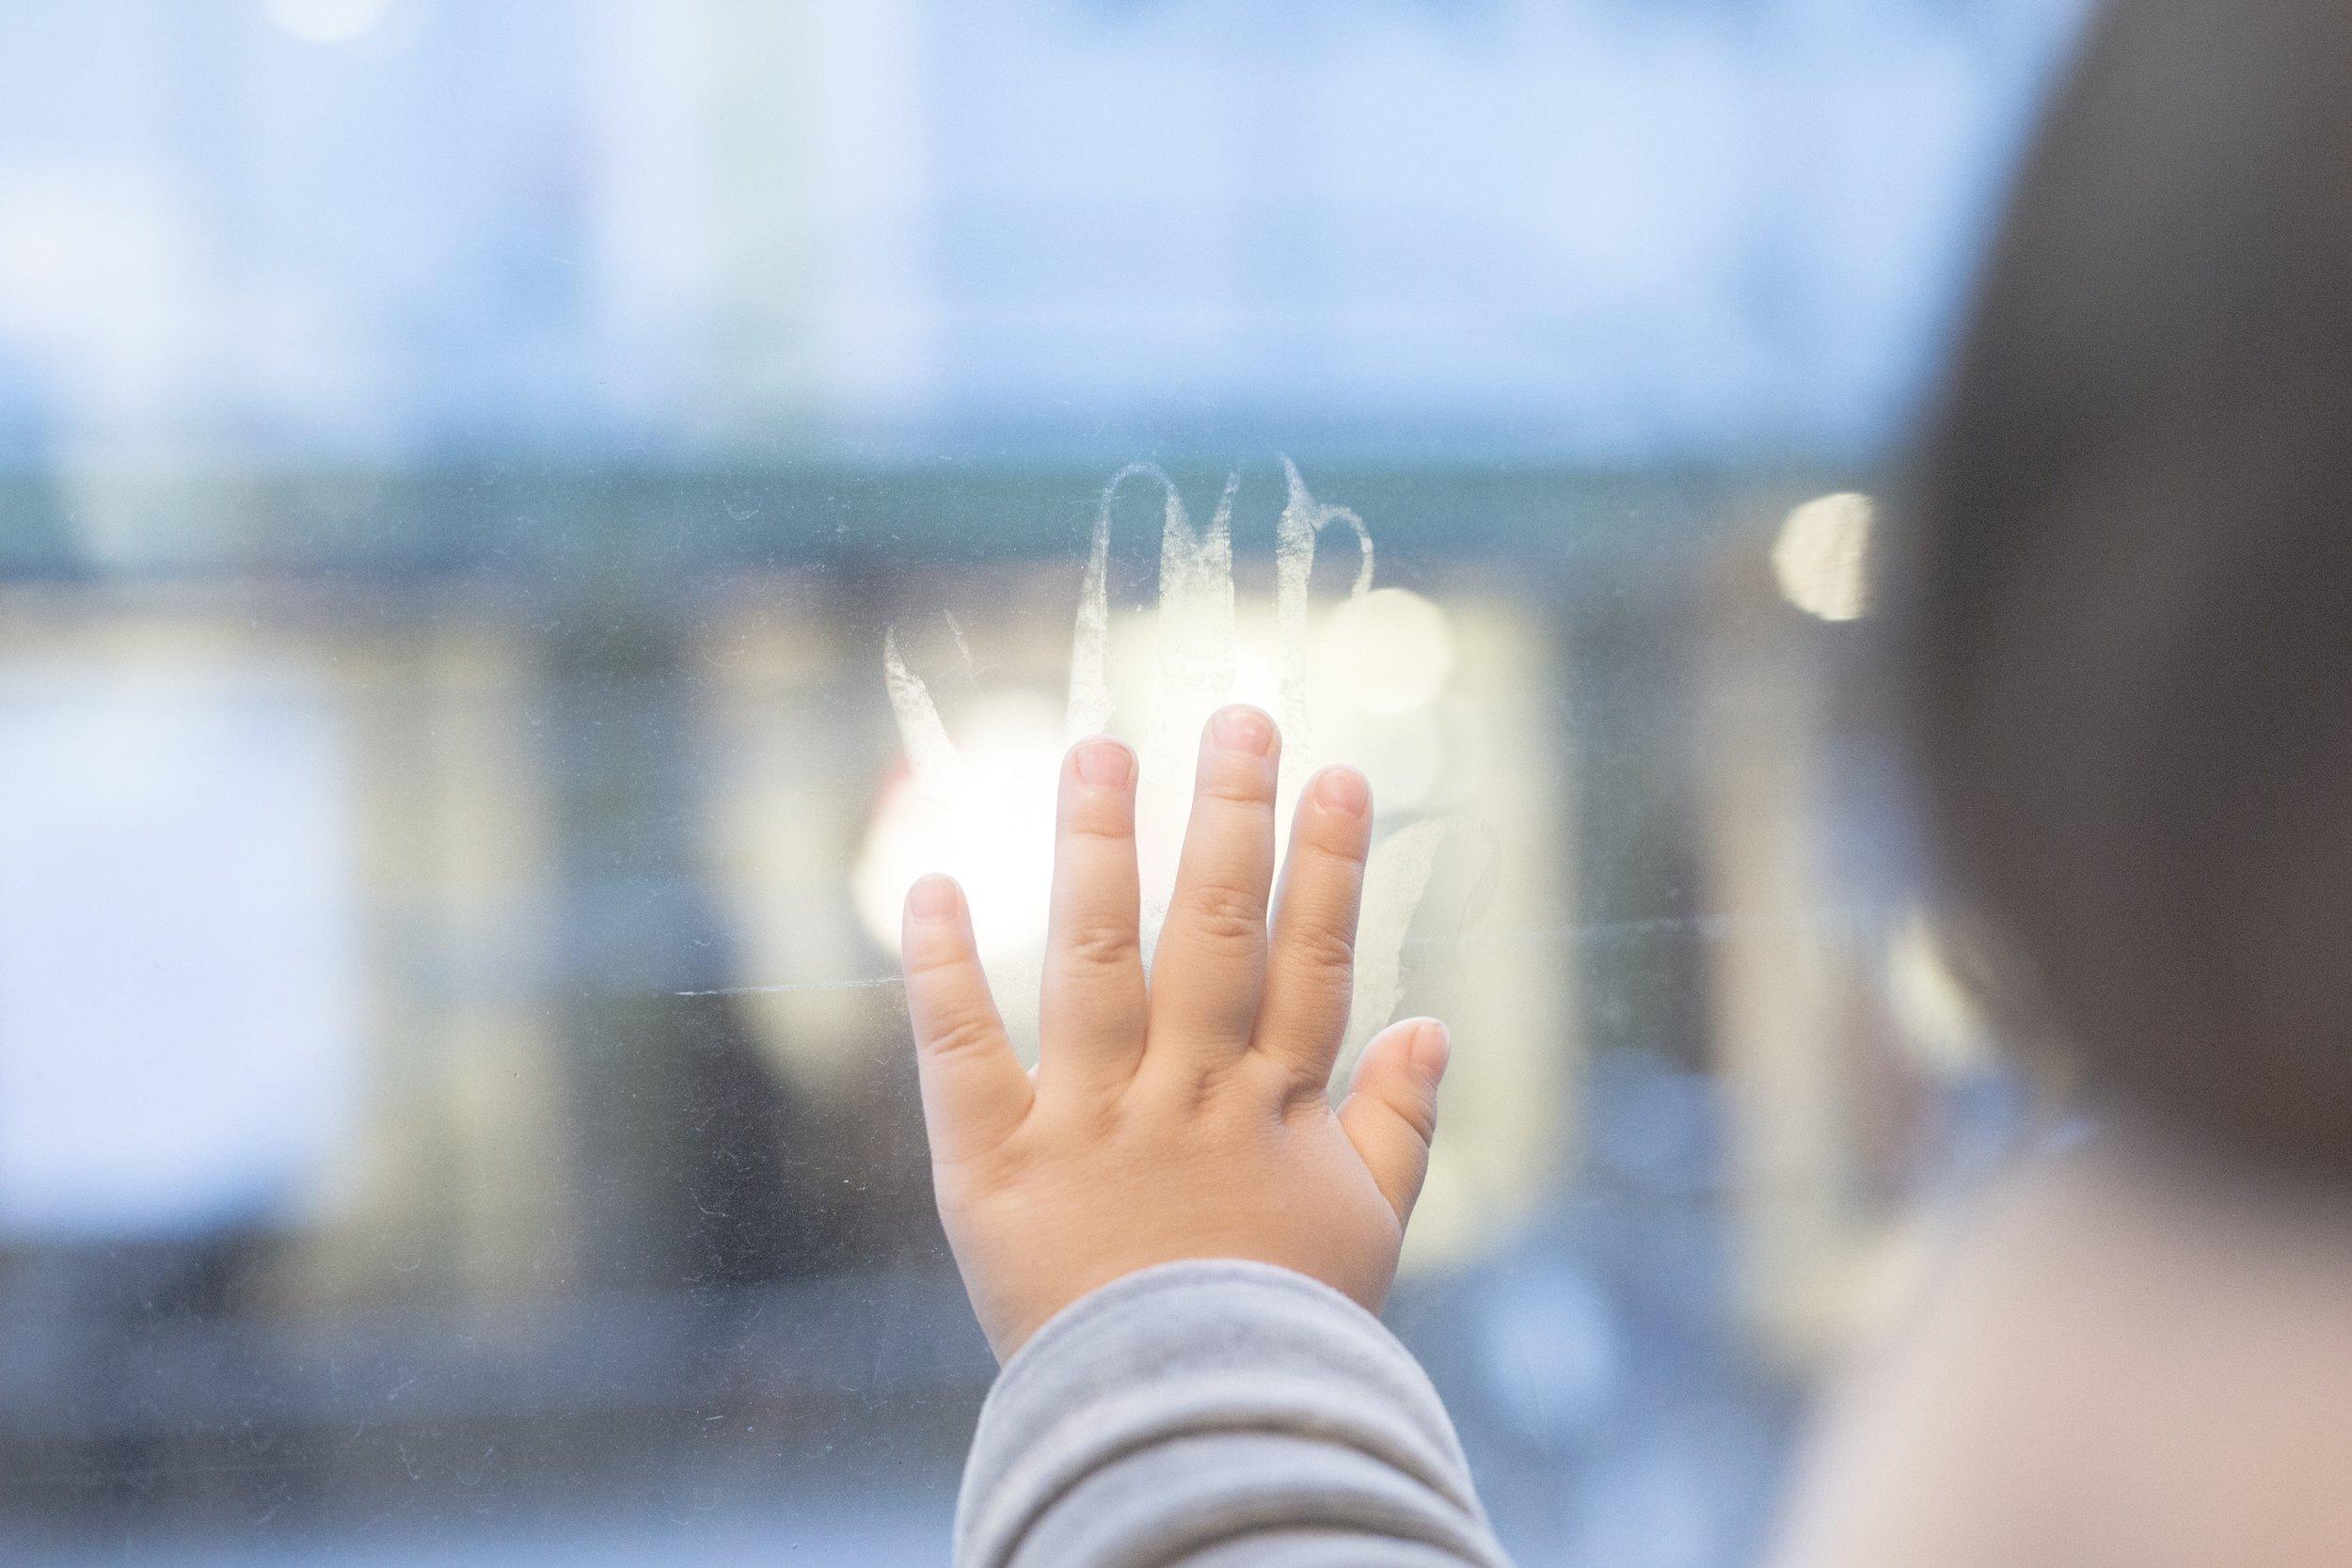 川内倫子「はじまりのひ」  © Rinko Kawauchi